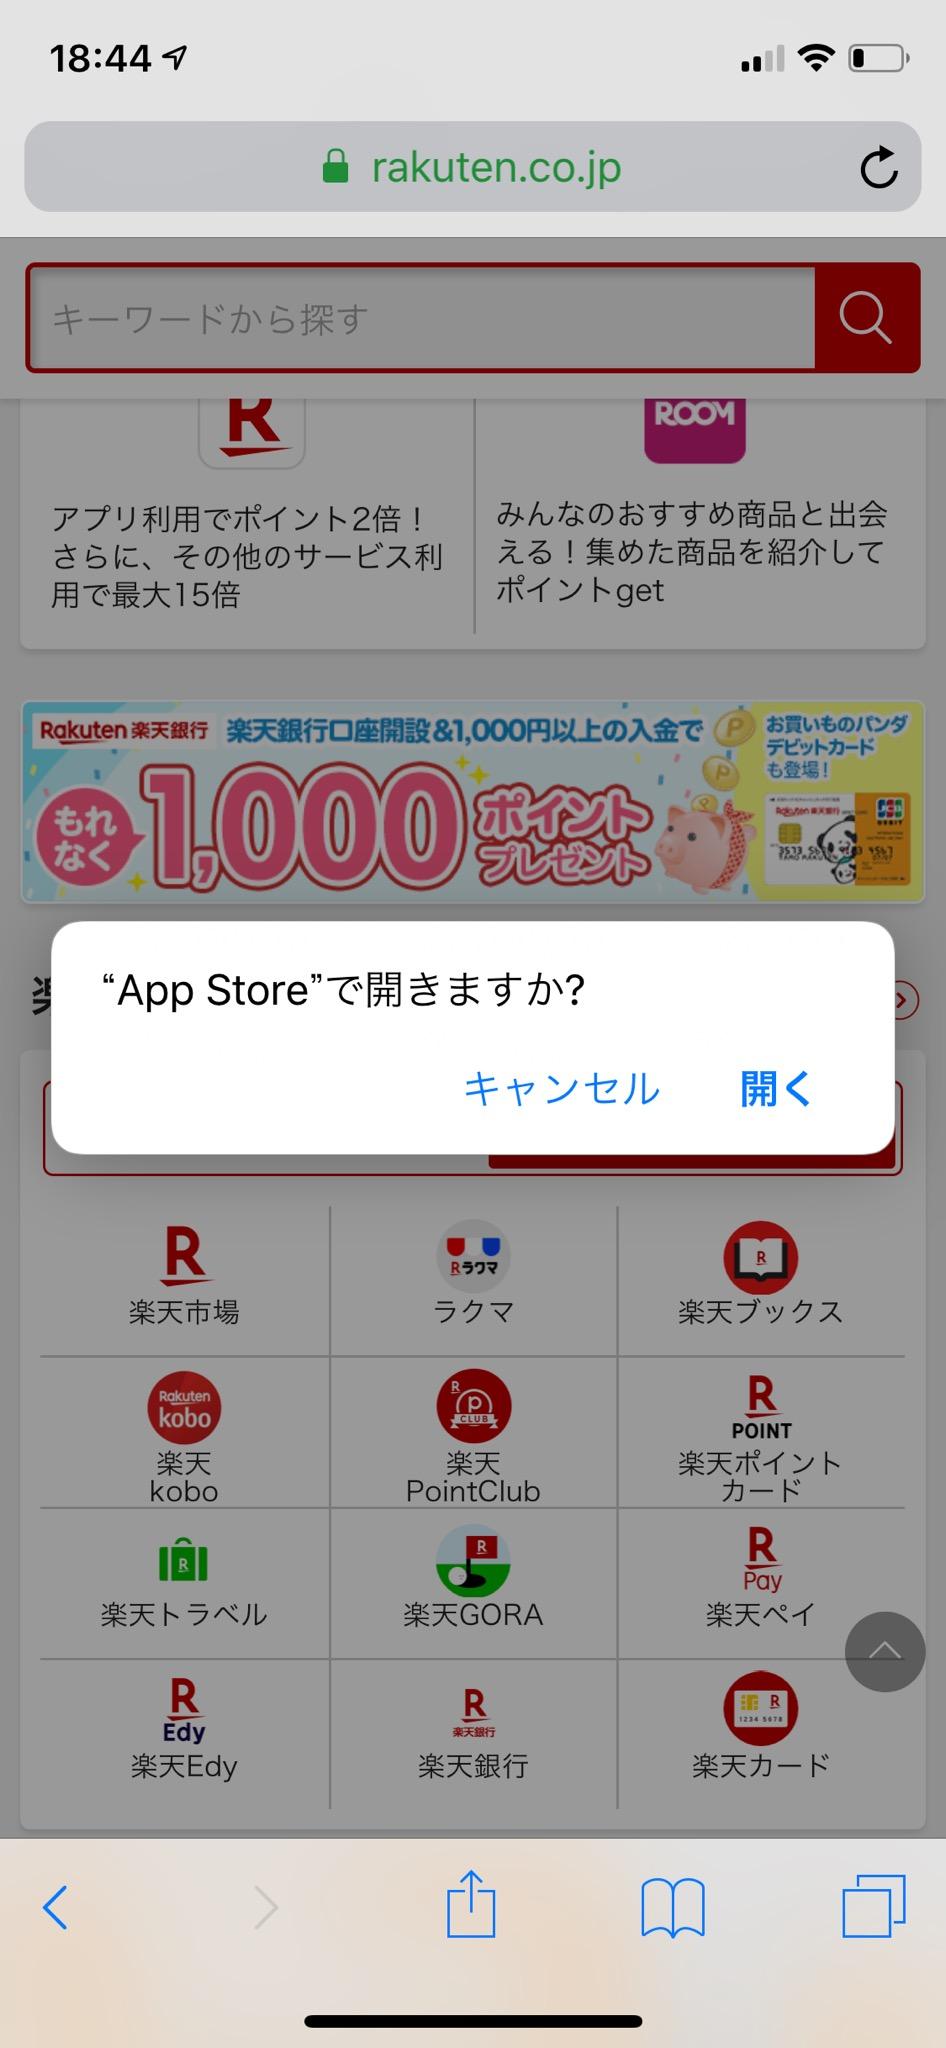 楽天市場の画面 Appp Storeが出る